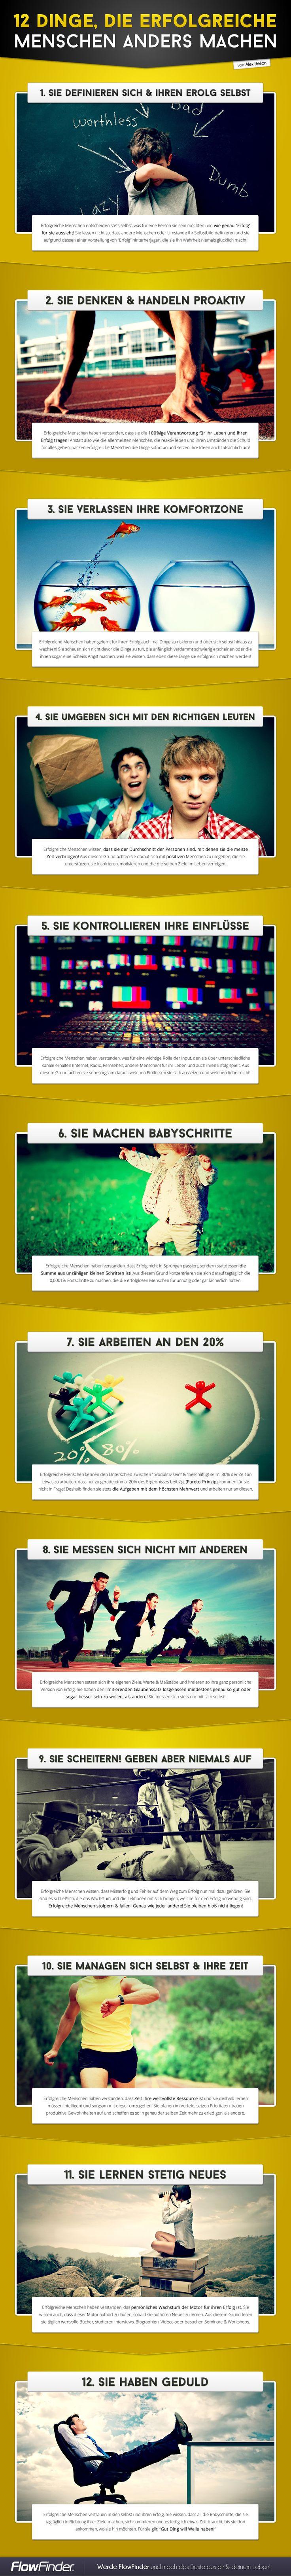 12 Dinge, die erfolgreiche Menschen anders machen